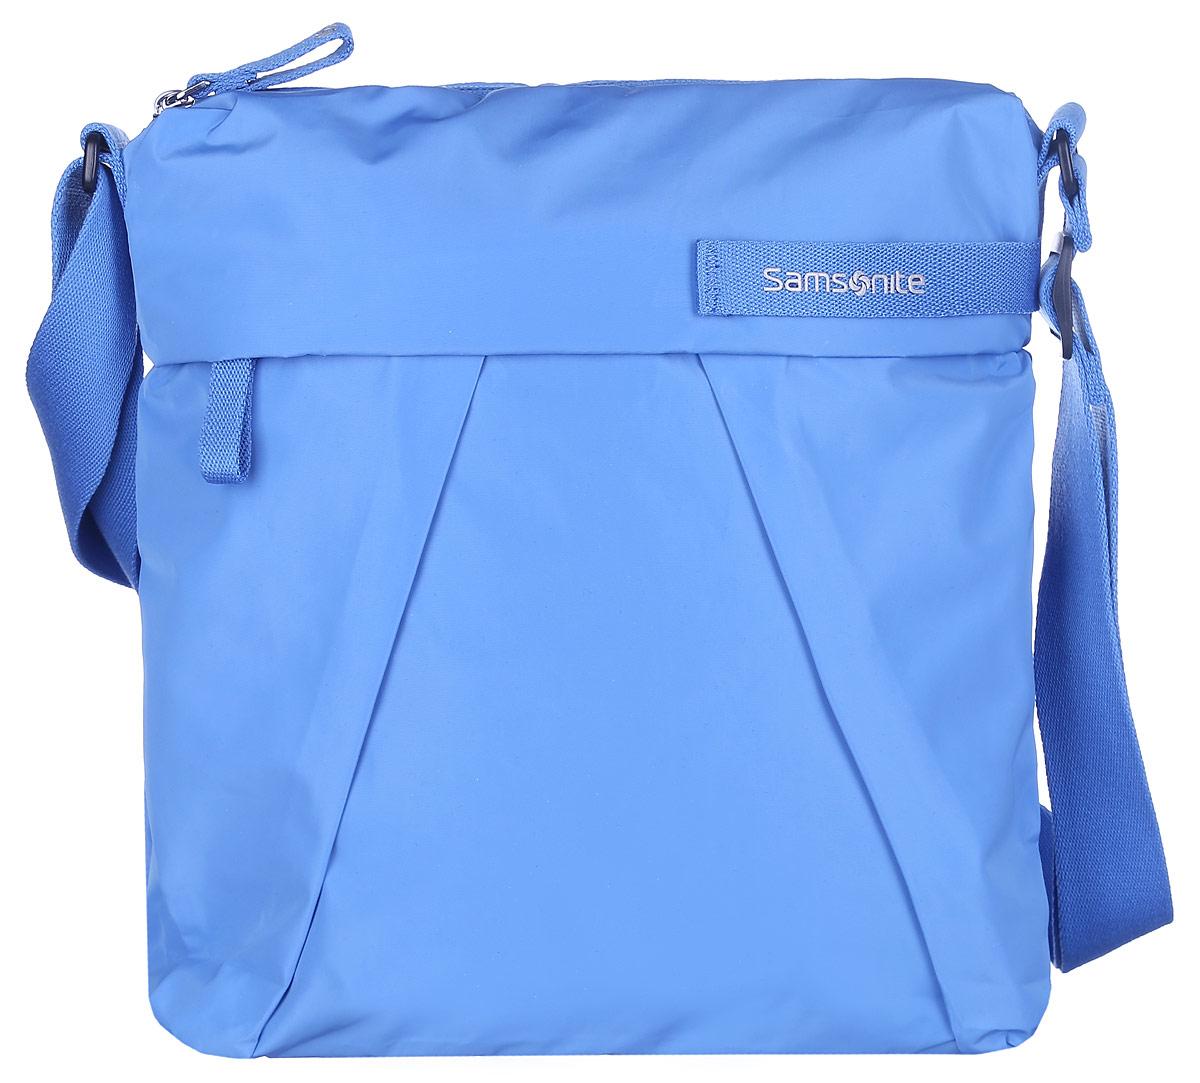 Сумка женская Samsonite, цвет: голубой. 51V-5100451V-51004Стильная и практичная женская сумка Samsonite выполнена из полиэстера, оформлена декоративными складками и логотипом бренда. Изделие состоит из одного отделения и закрывается на застежку-молнию. Внутри расположен врезной карман на молнии. Снаружи, на передней стенке расположен прорезной карман на молнии, а на задней стенке - прорезной карман на липучке. Сумка оснащена несъёмным текстильным плечевым ремнем, регулируемой длины. Стильная сумка позволит вам завершить образ.